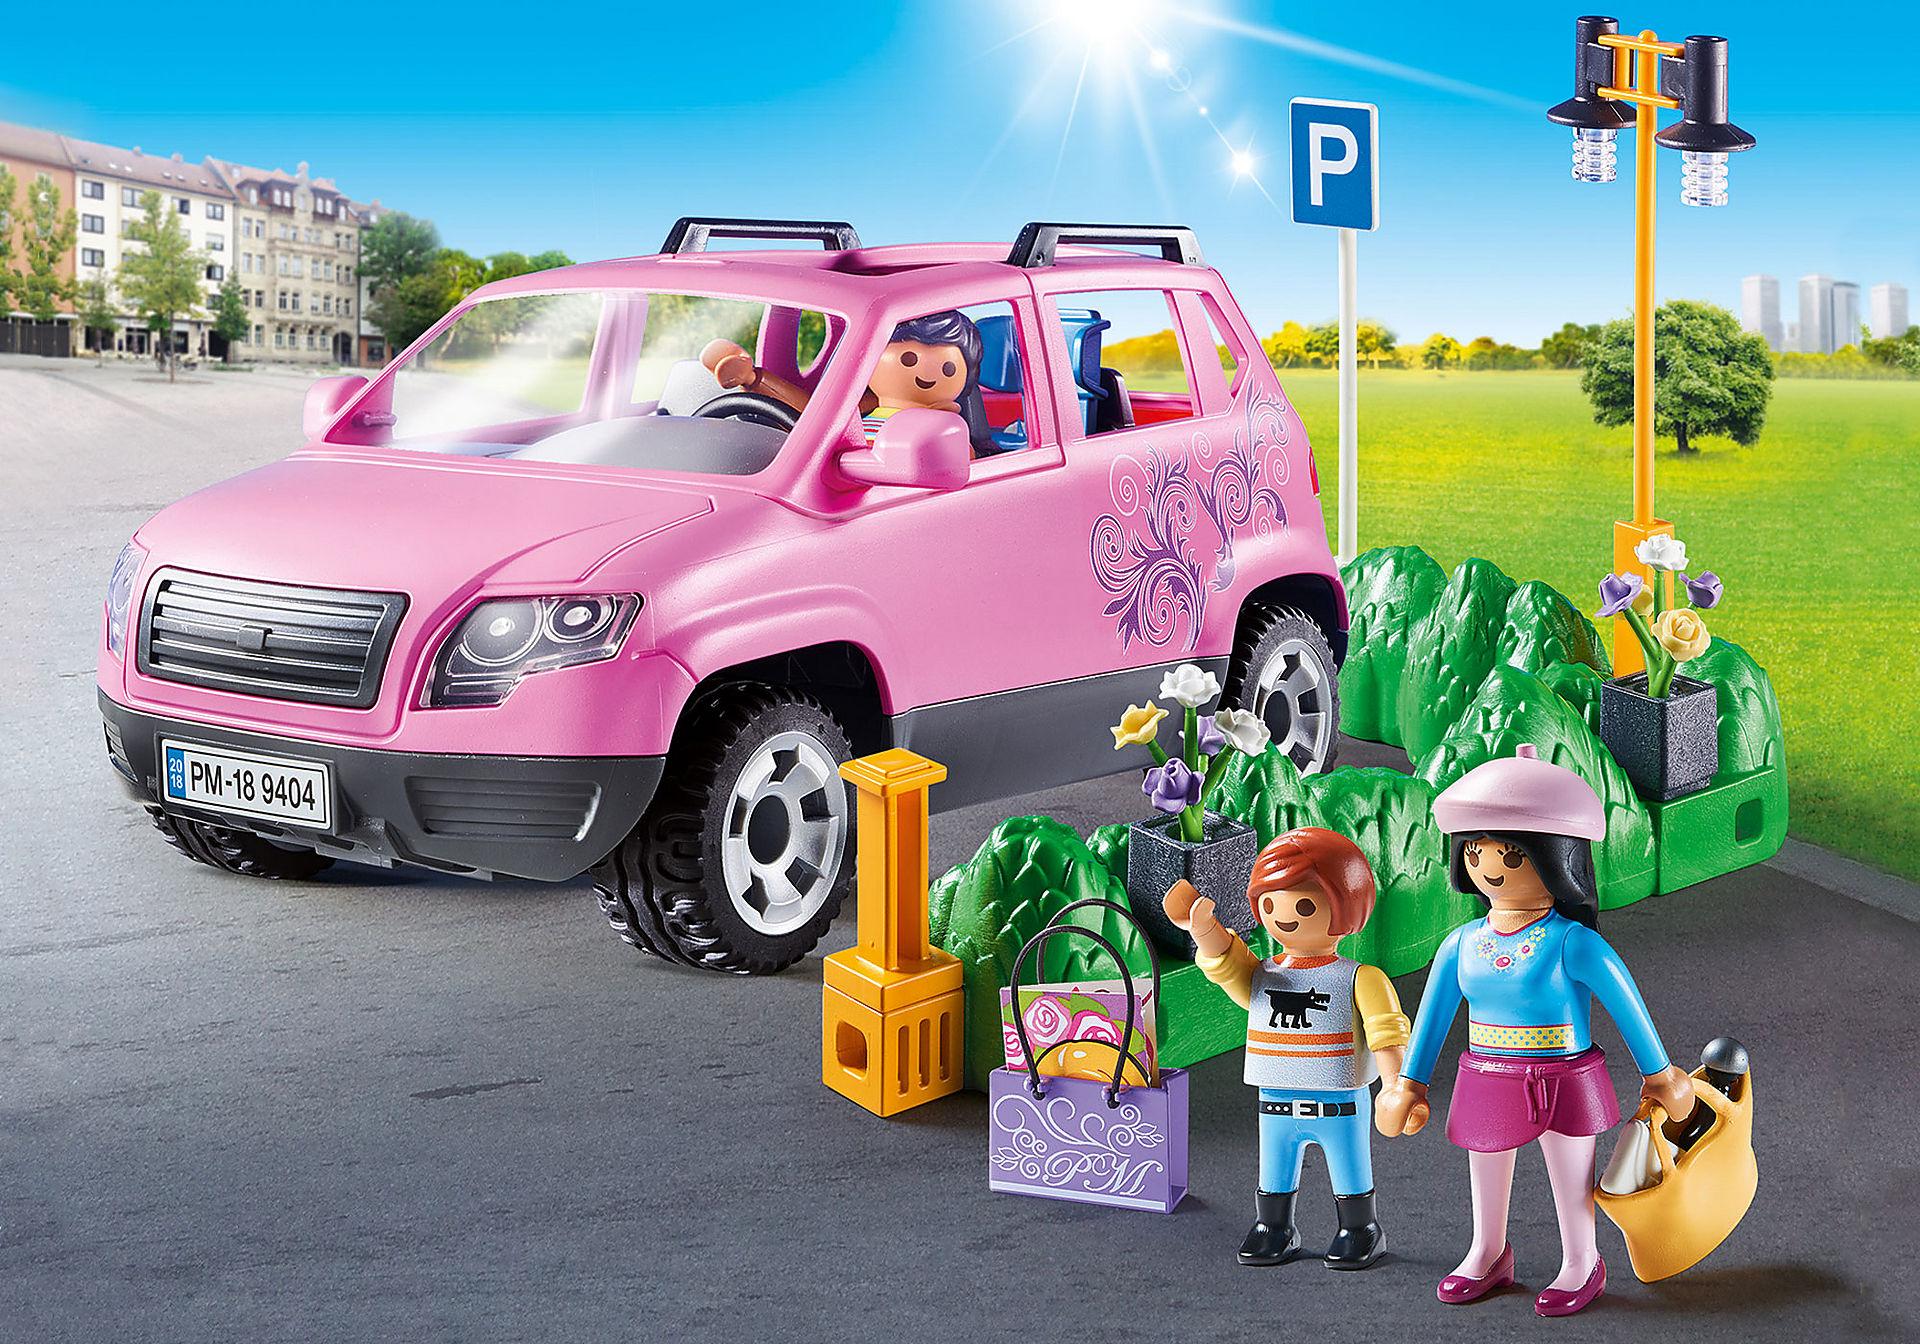 9404 Samochód rodzinny z zatoczką parkingową zoom image1